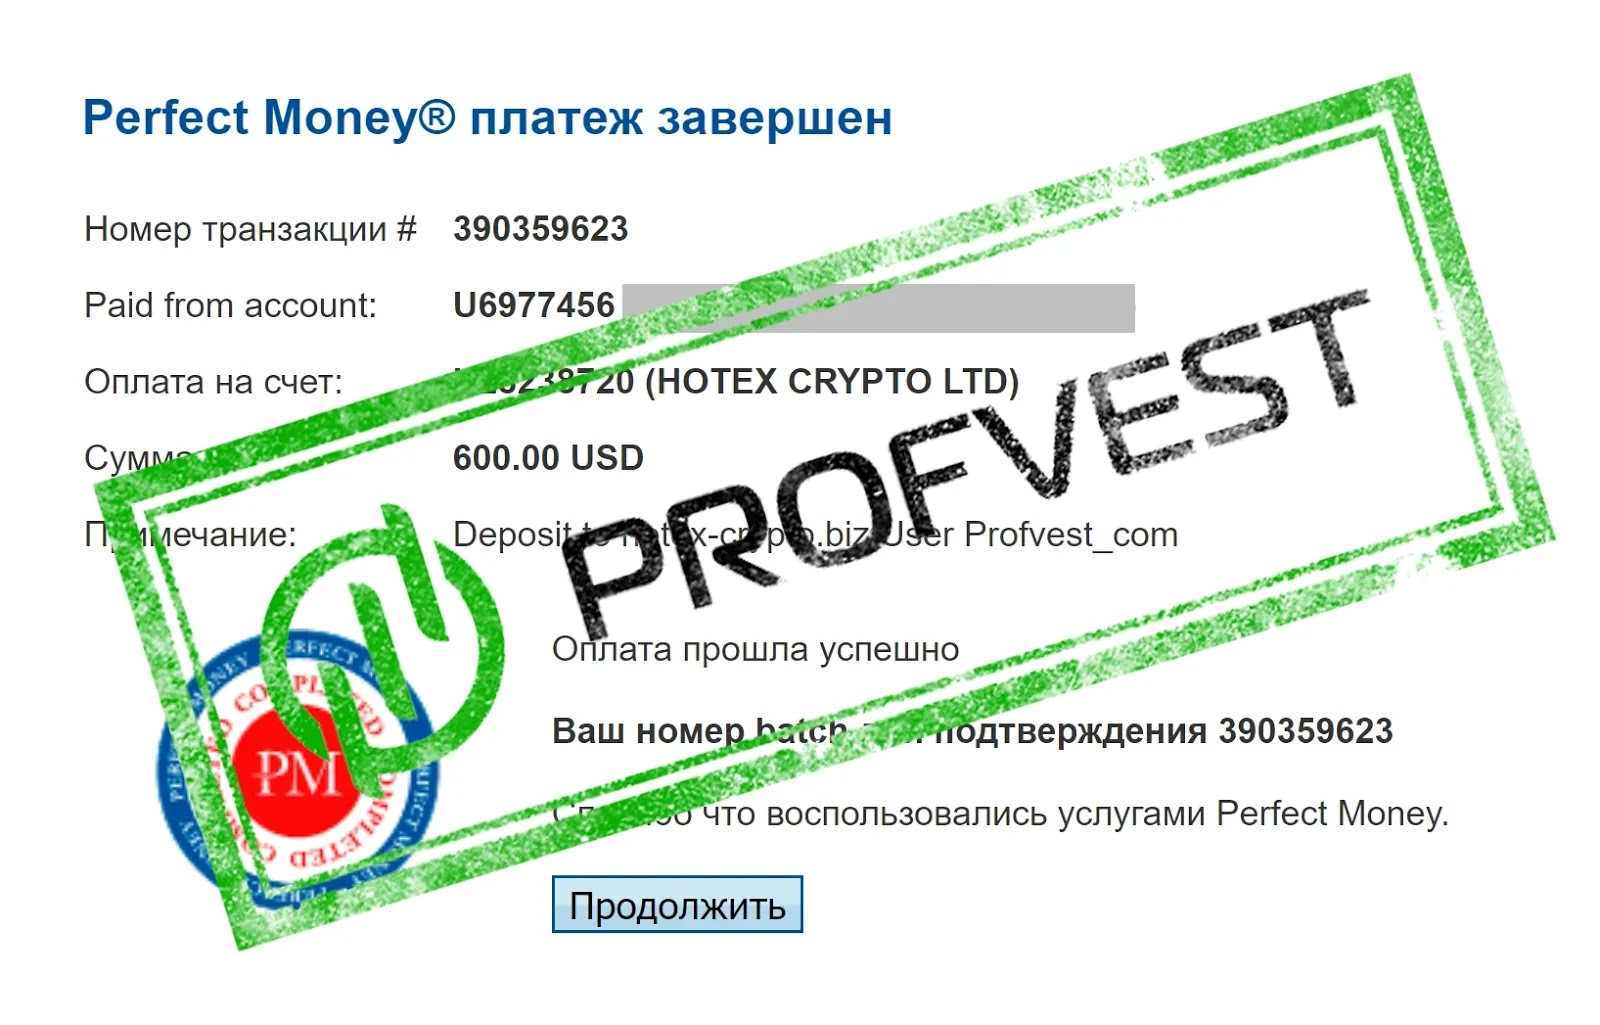 Депозит в Hotex Crypto